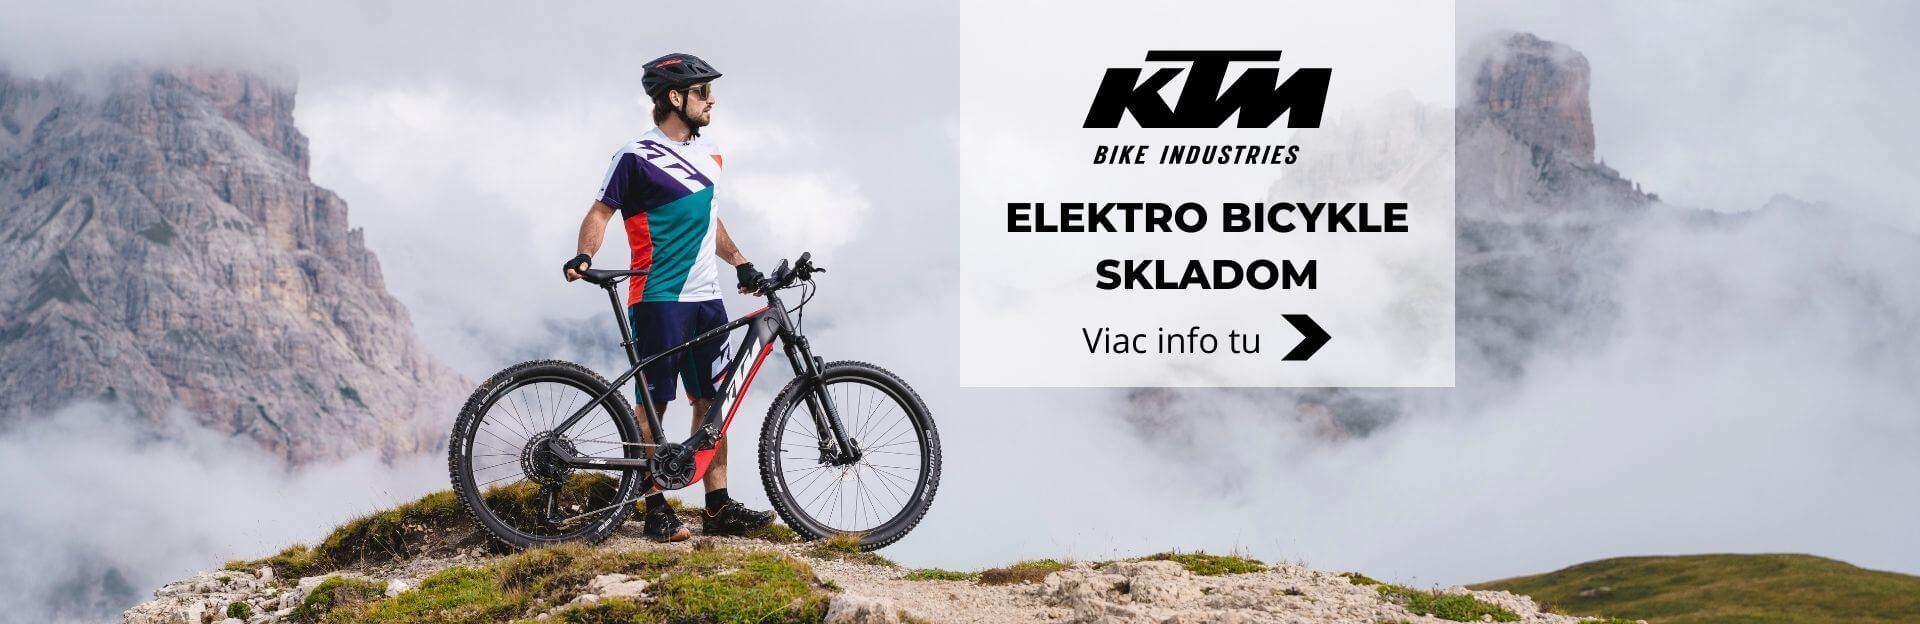 Bicykle KTM novinky 2021 skladom|Belda.sk